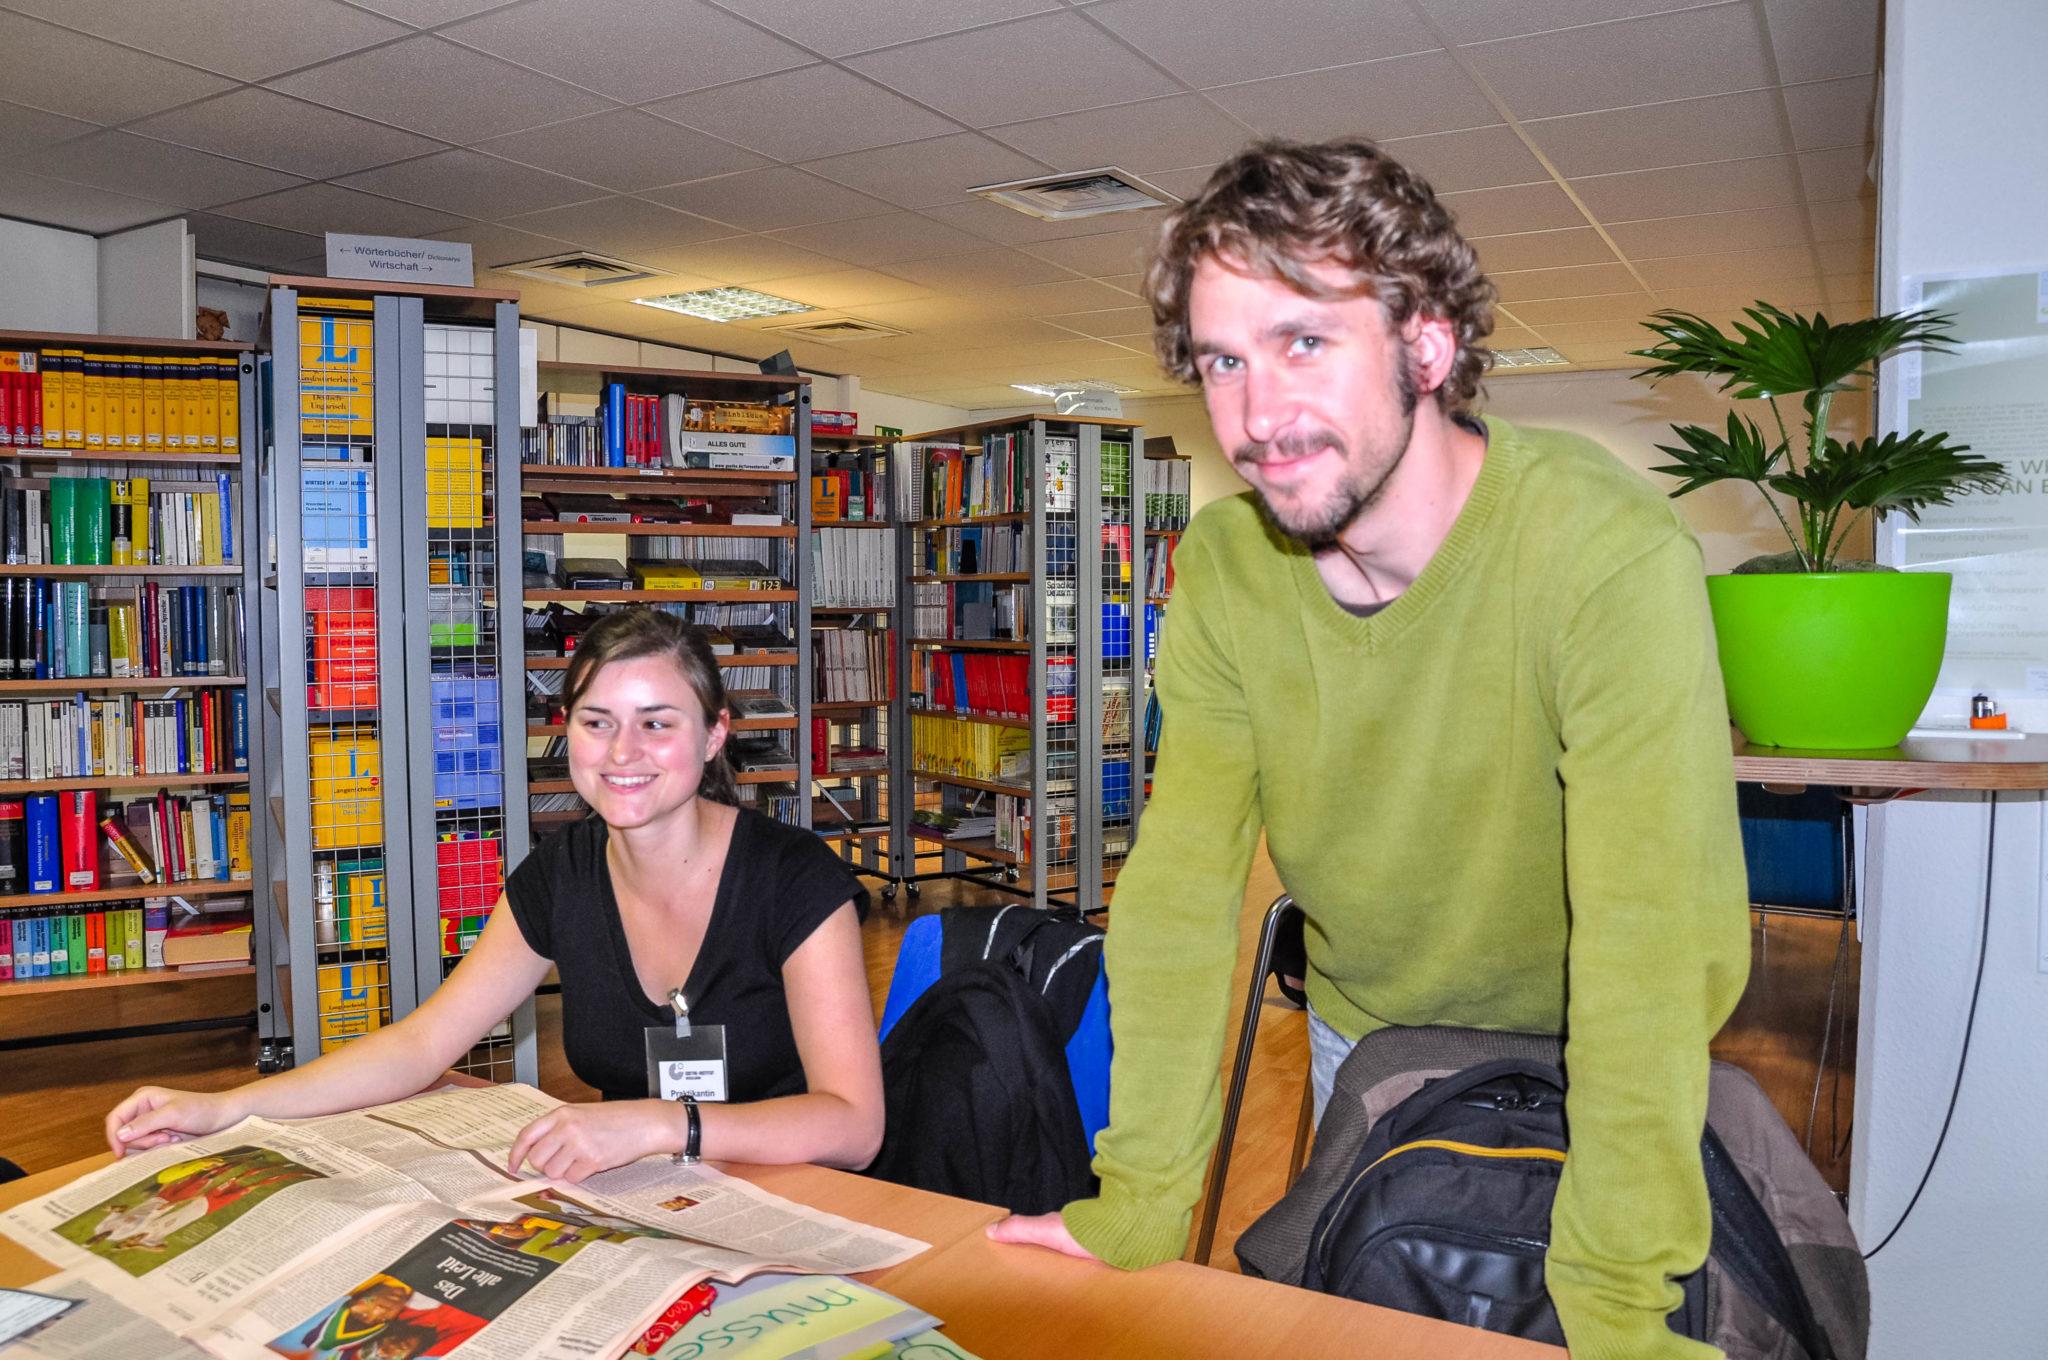 ゲーテ・インスティテュート デュッセルドルフ 新聞を読む生徒